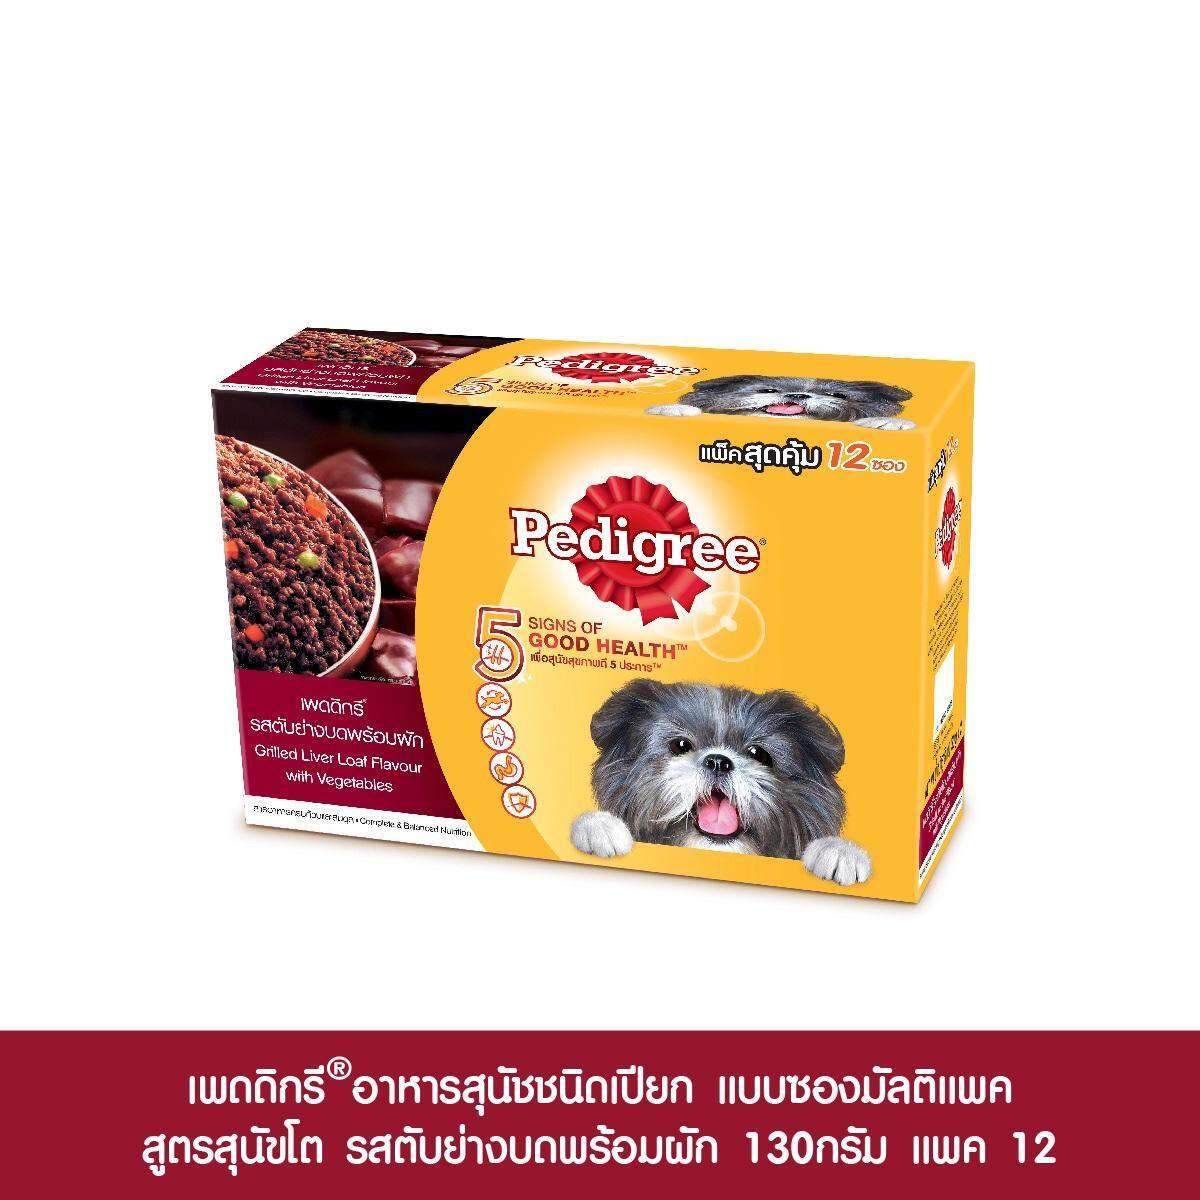 เพดดิกรี อาหารสุนัชชนิดเปียก แบบซองมัลติแพค สูตรสุนัขโต รสตับย่างบดพร้อมผัก 130กรัม แพค 12.